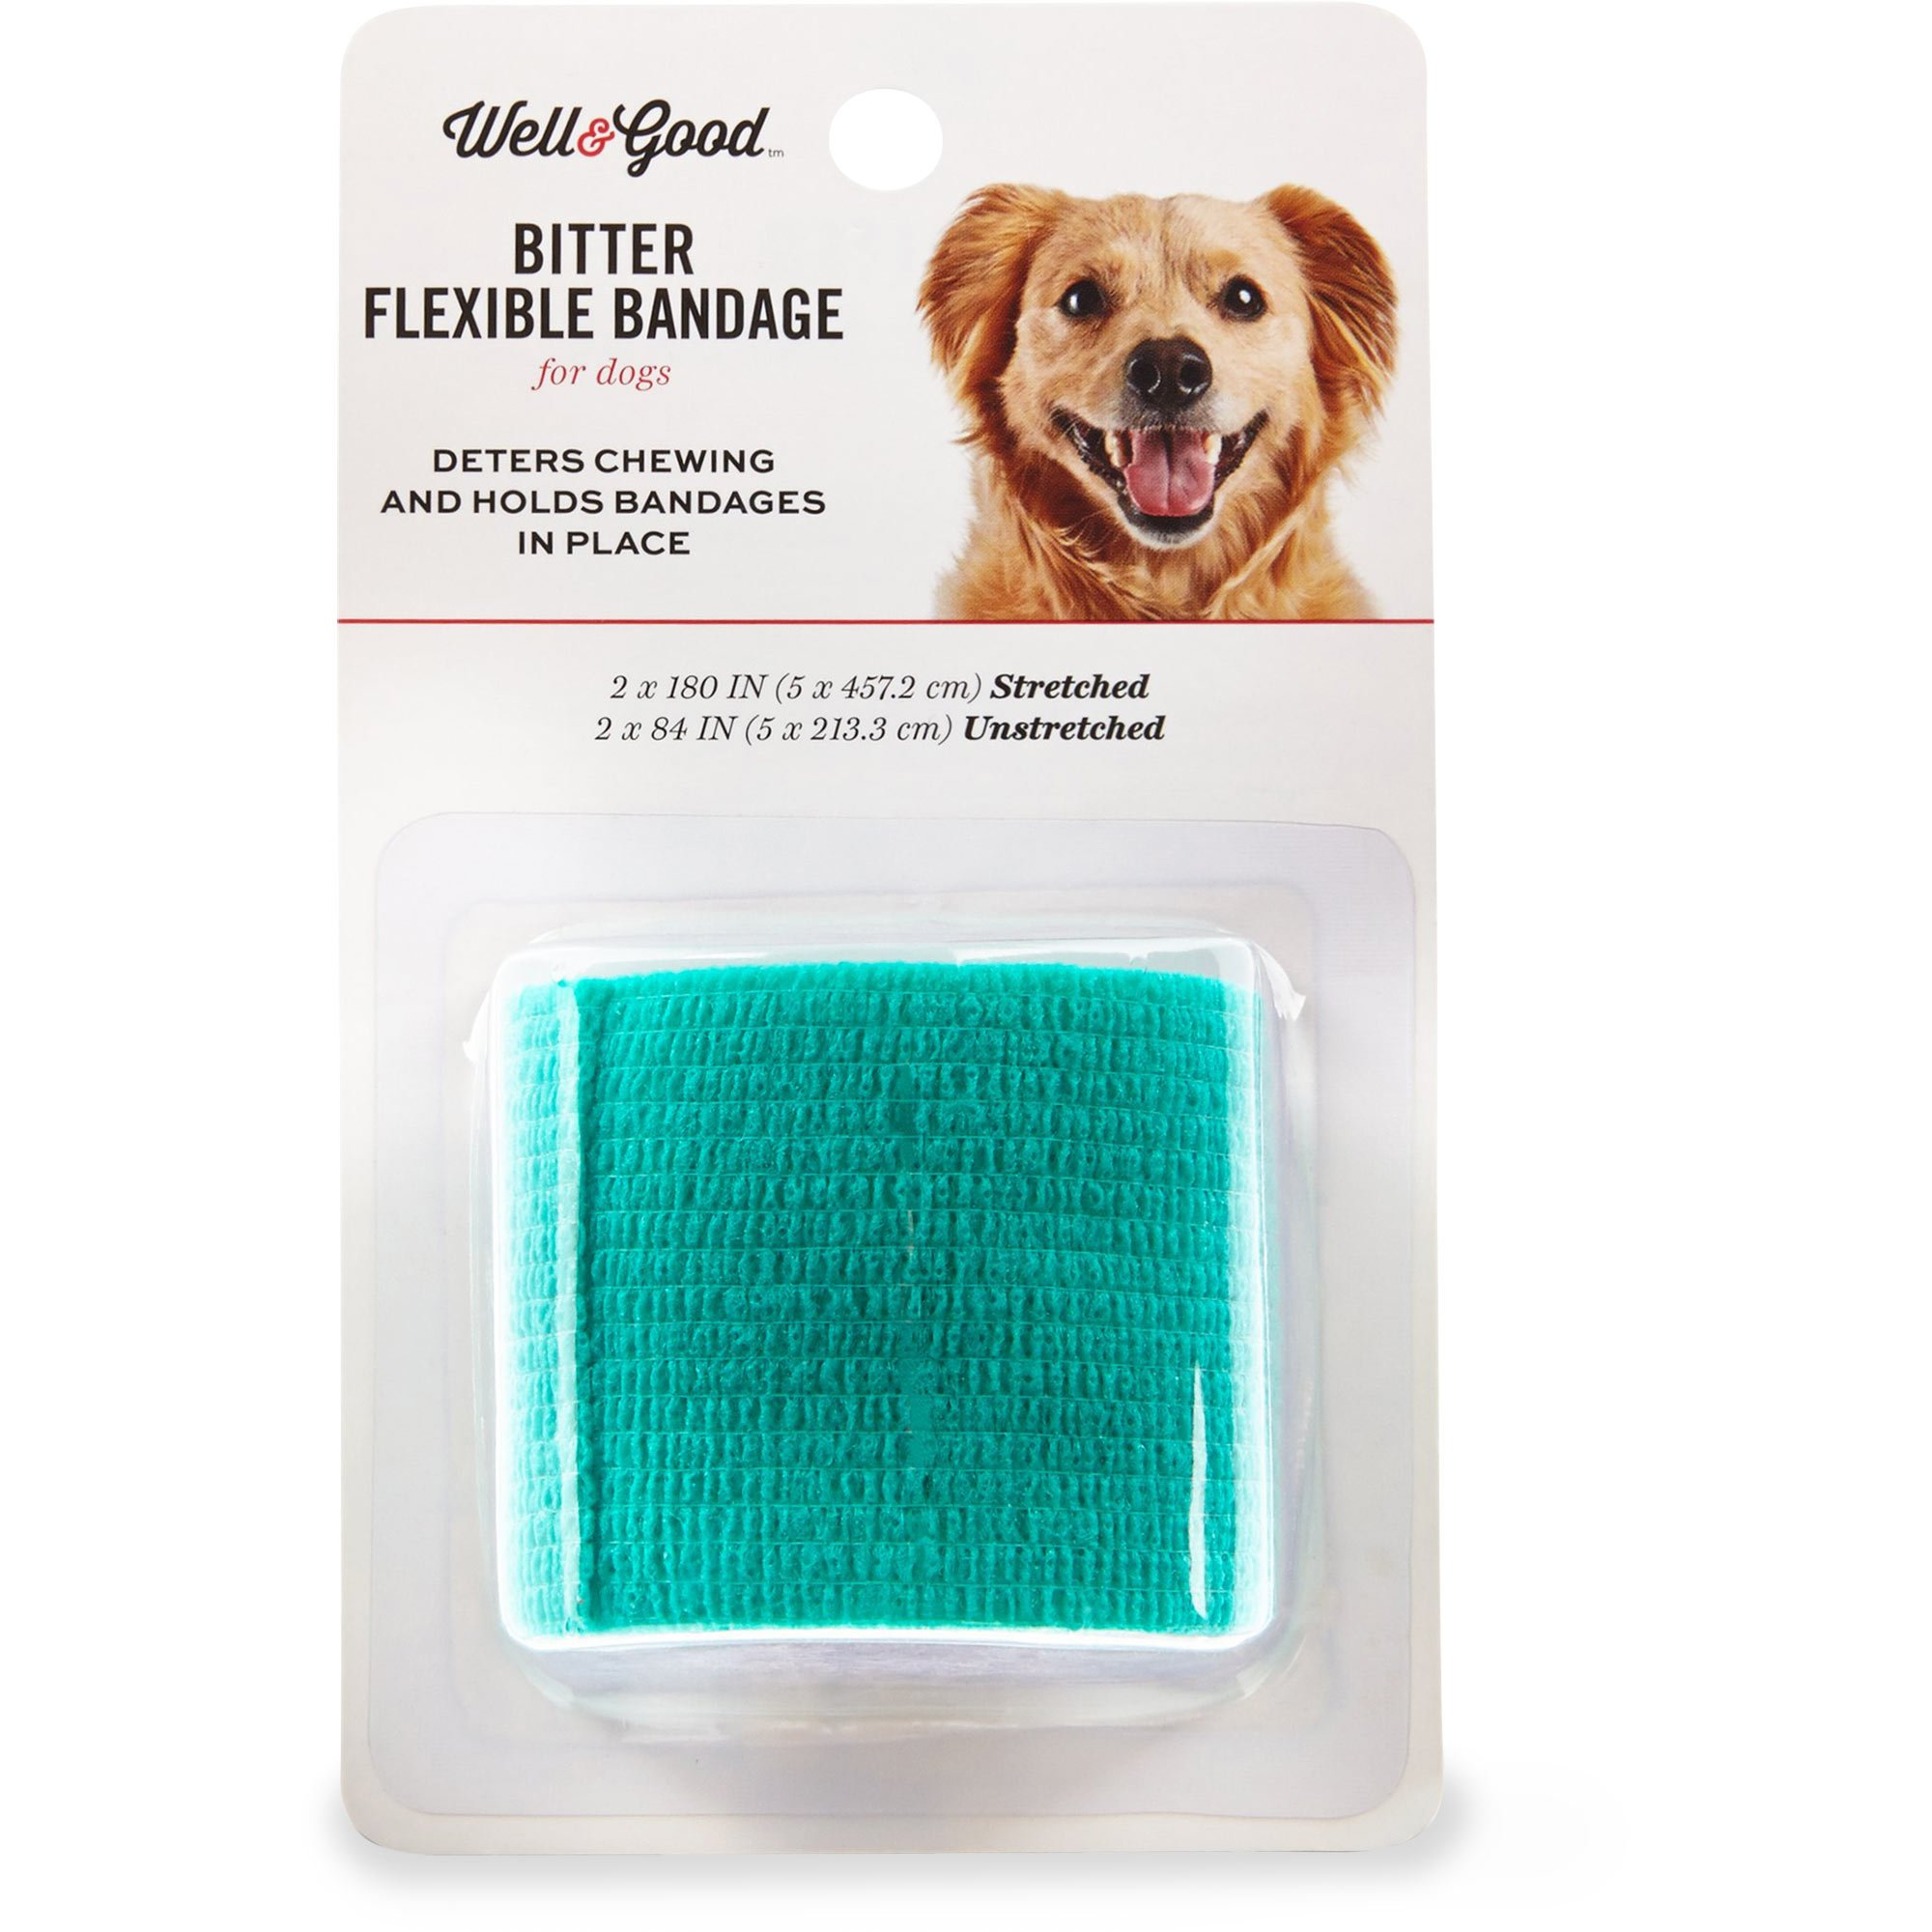 Dog & Pet Bandages Liquid & Dog Paw Bandages for Dogs